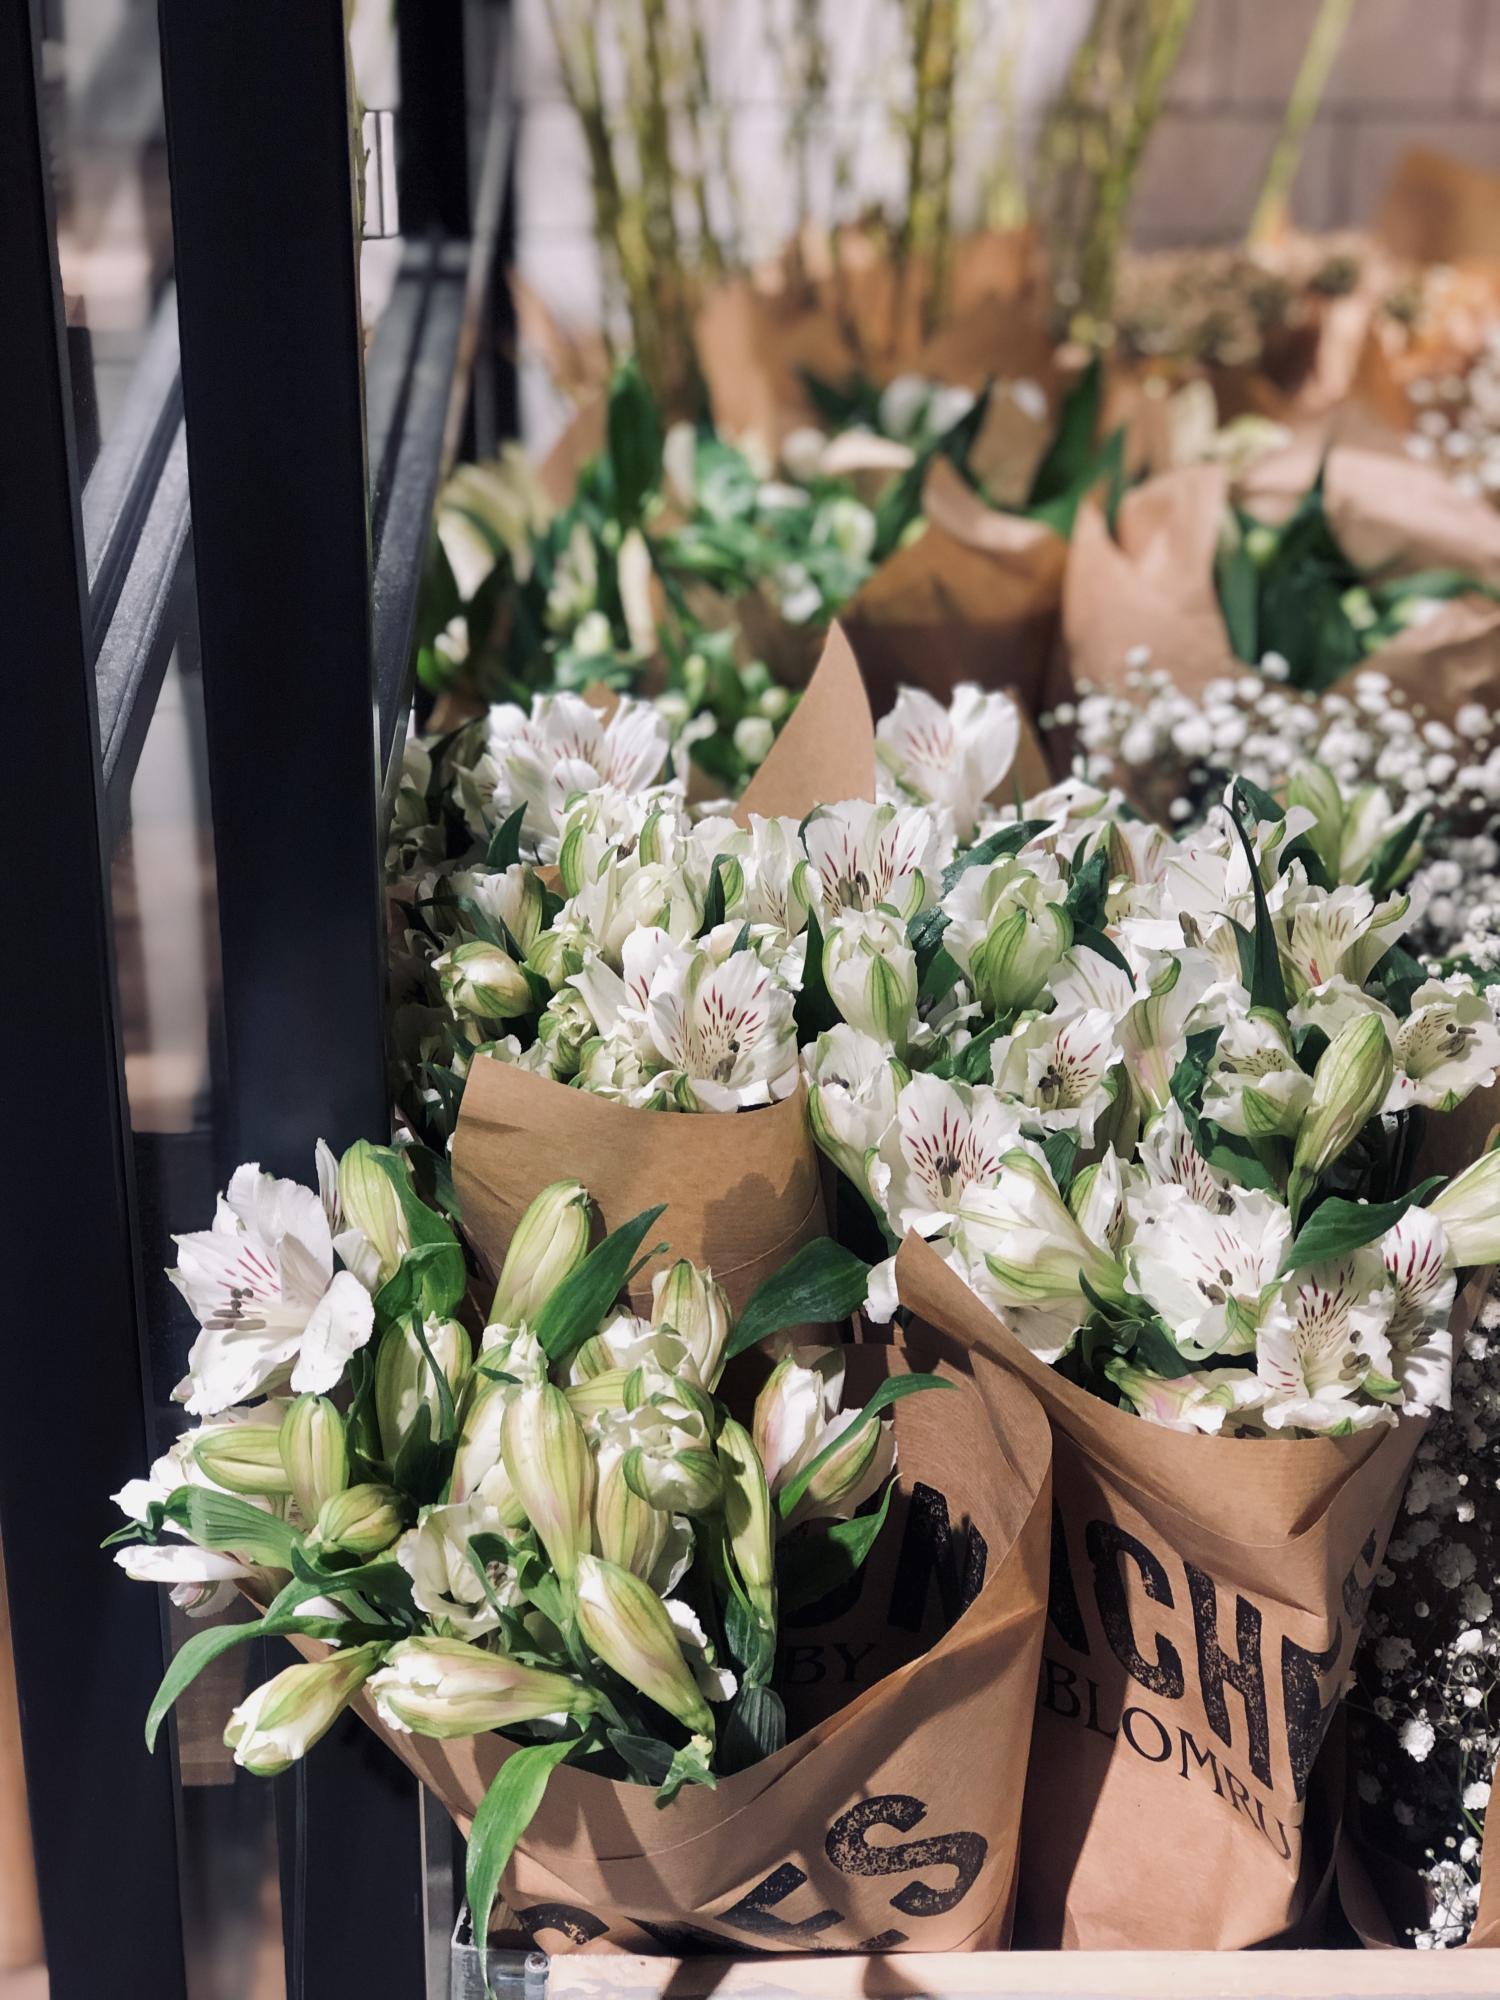 Kom liljor och akvileja, kom hjärtansfröjd